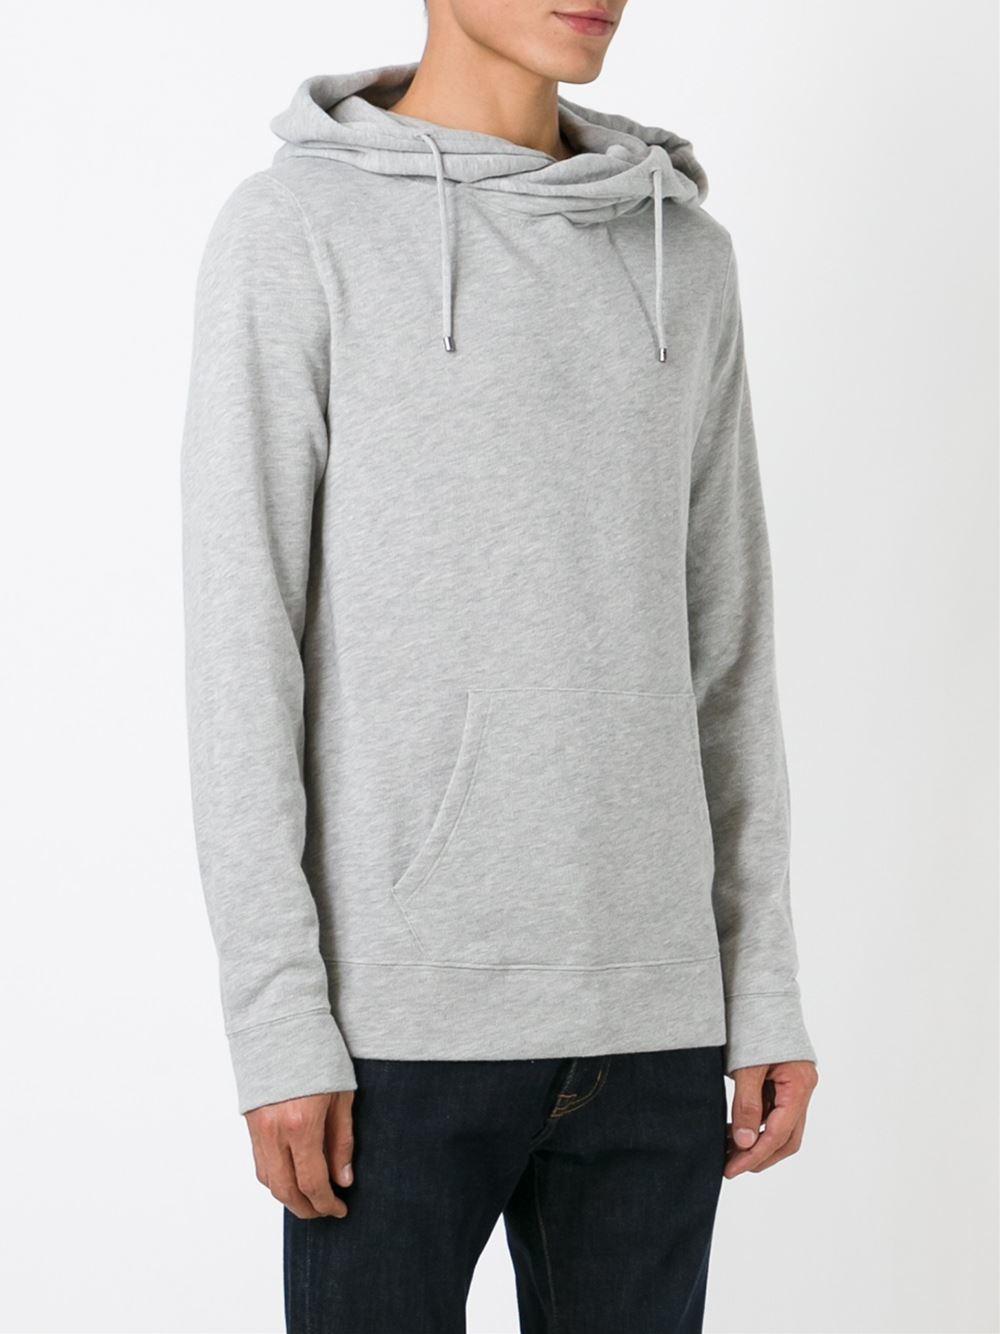 ralph lauren hooded sweatshirt in gray for men grey lyst. Black Bedroom Furniture Sets. Home Design Ideas